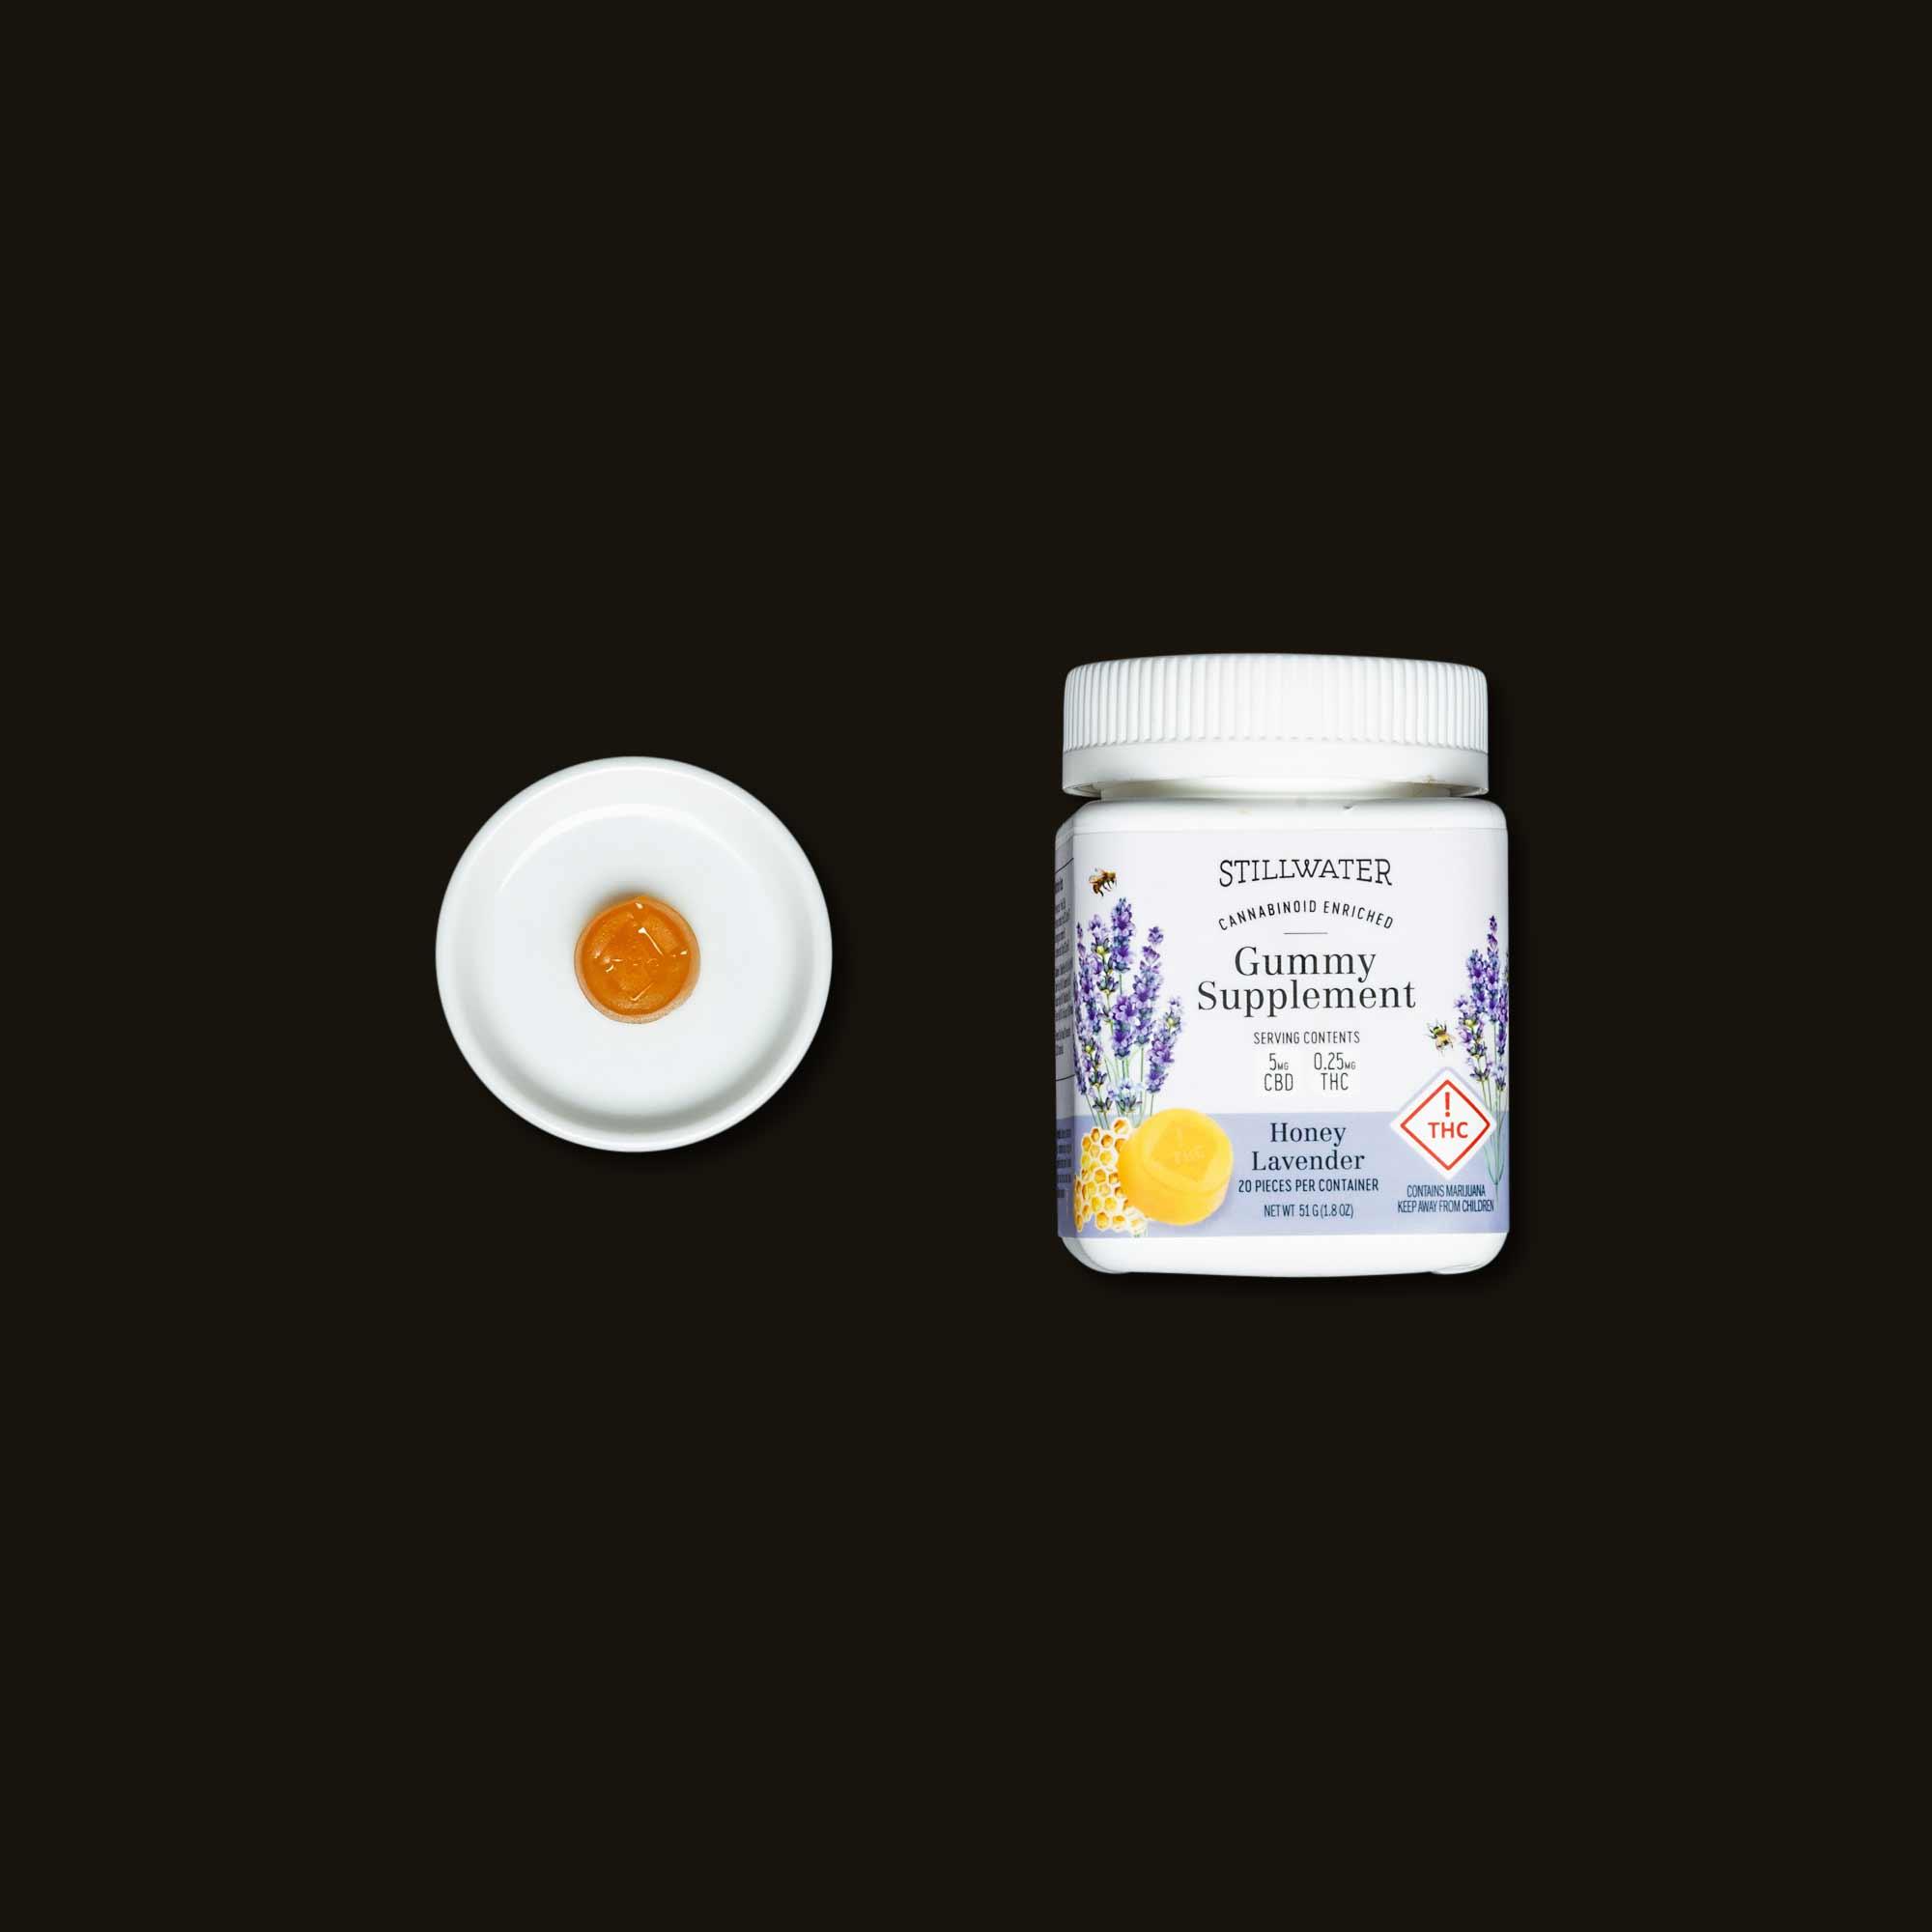 Stillwater Honey Lavender Gummy Supplements